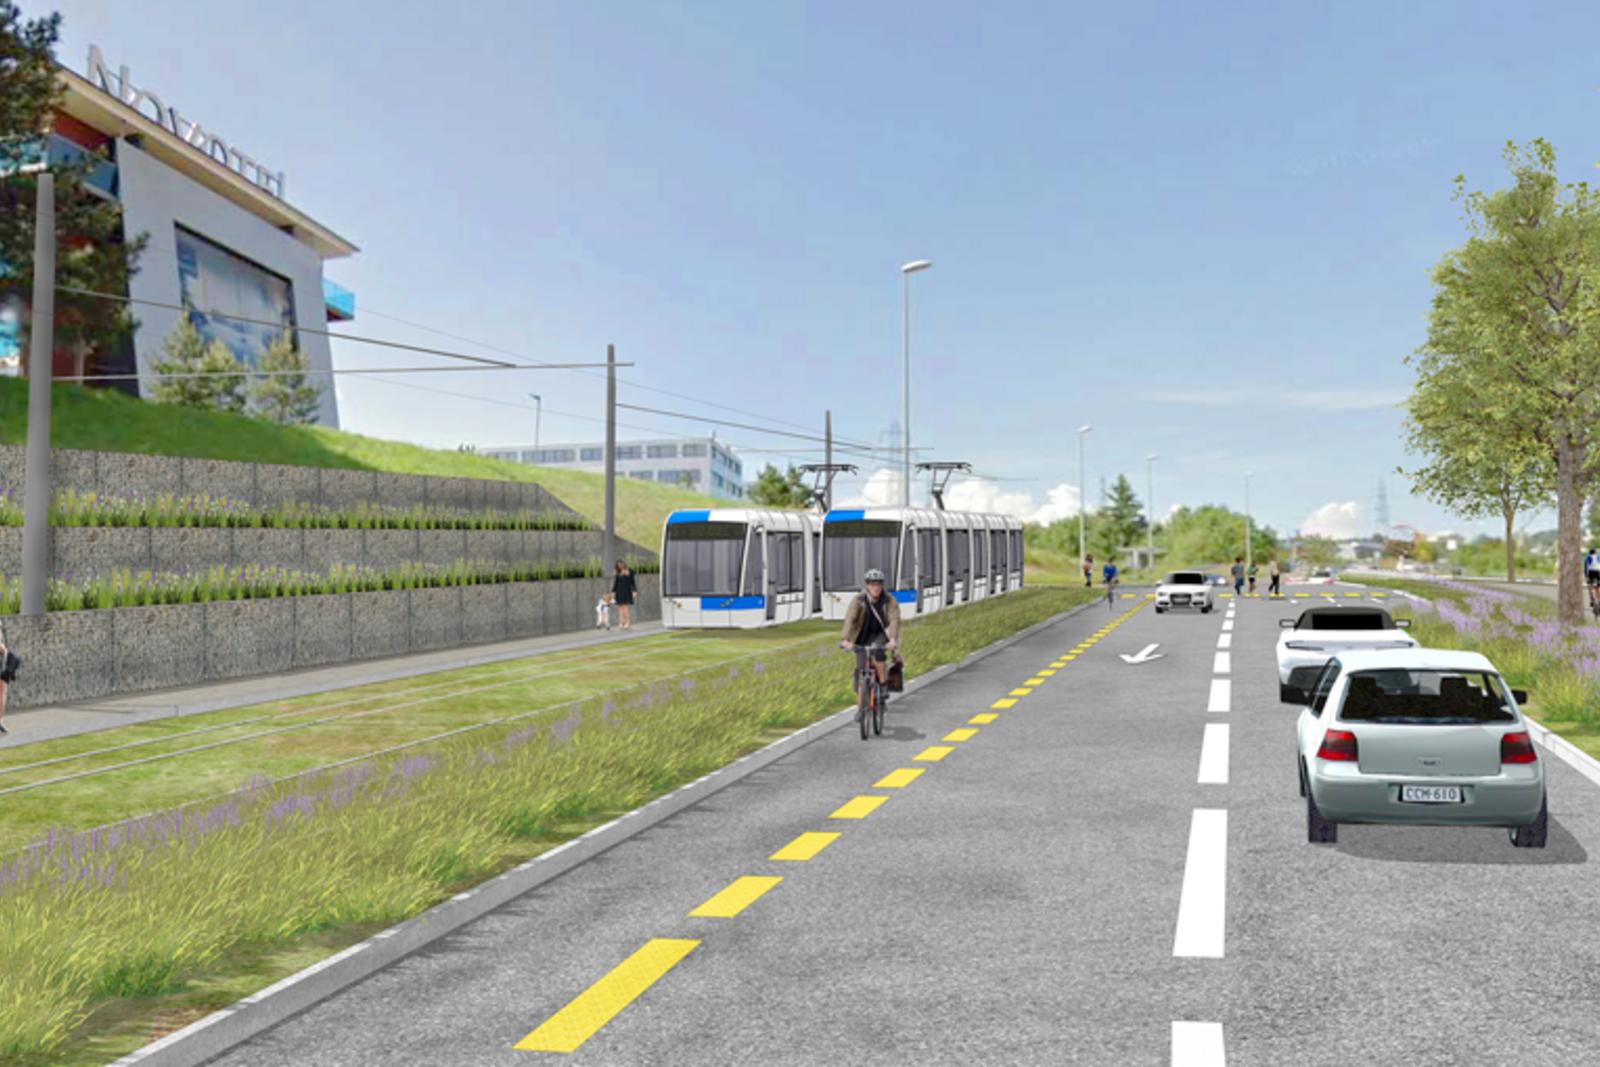 Image de synthèse : le futur tramway, en route vers son terminus à la Croix-de-Péage, sur la commune de Villars-Sainte-Croix (terminus de la ligne 17 des bus tl).